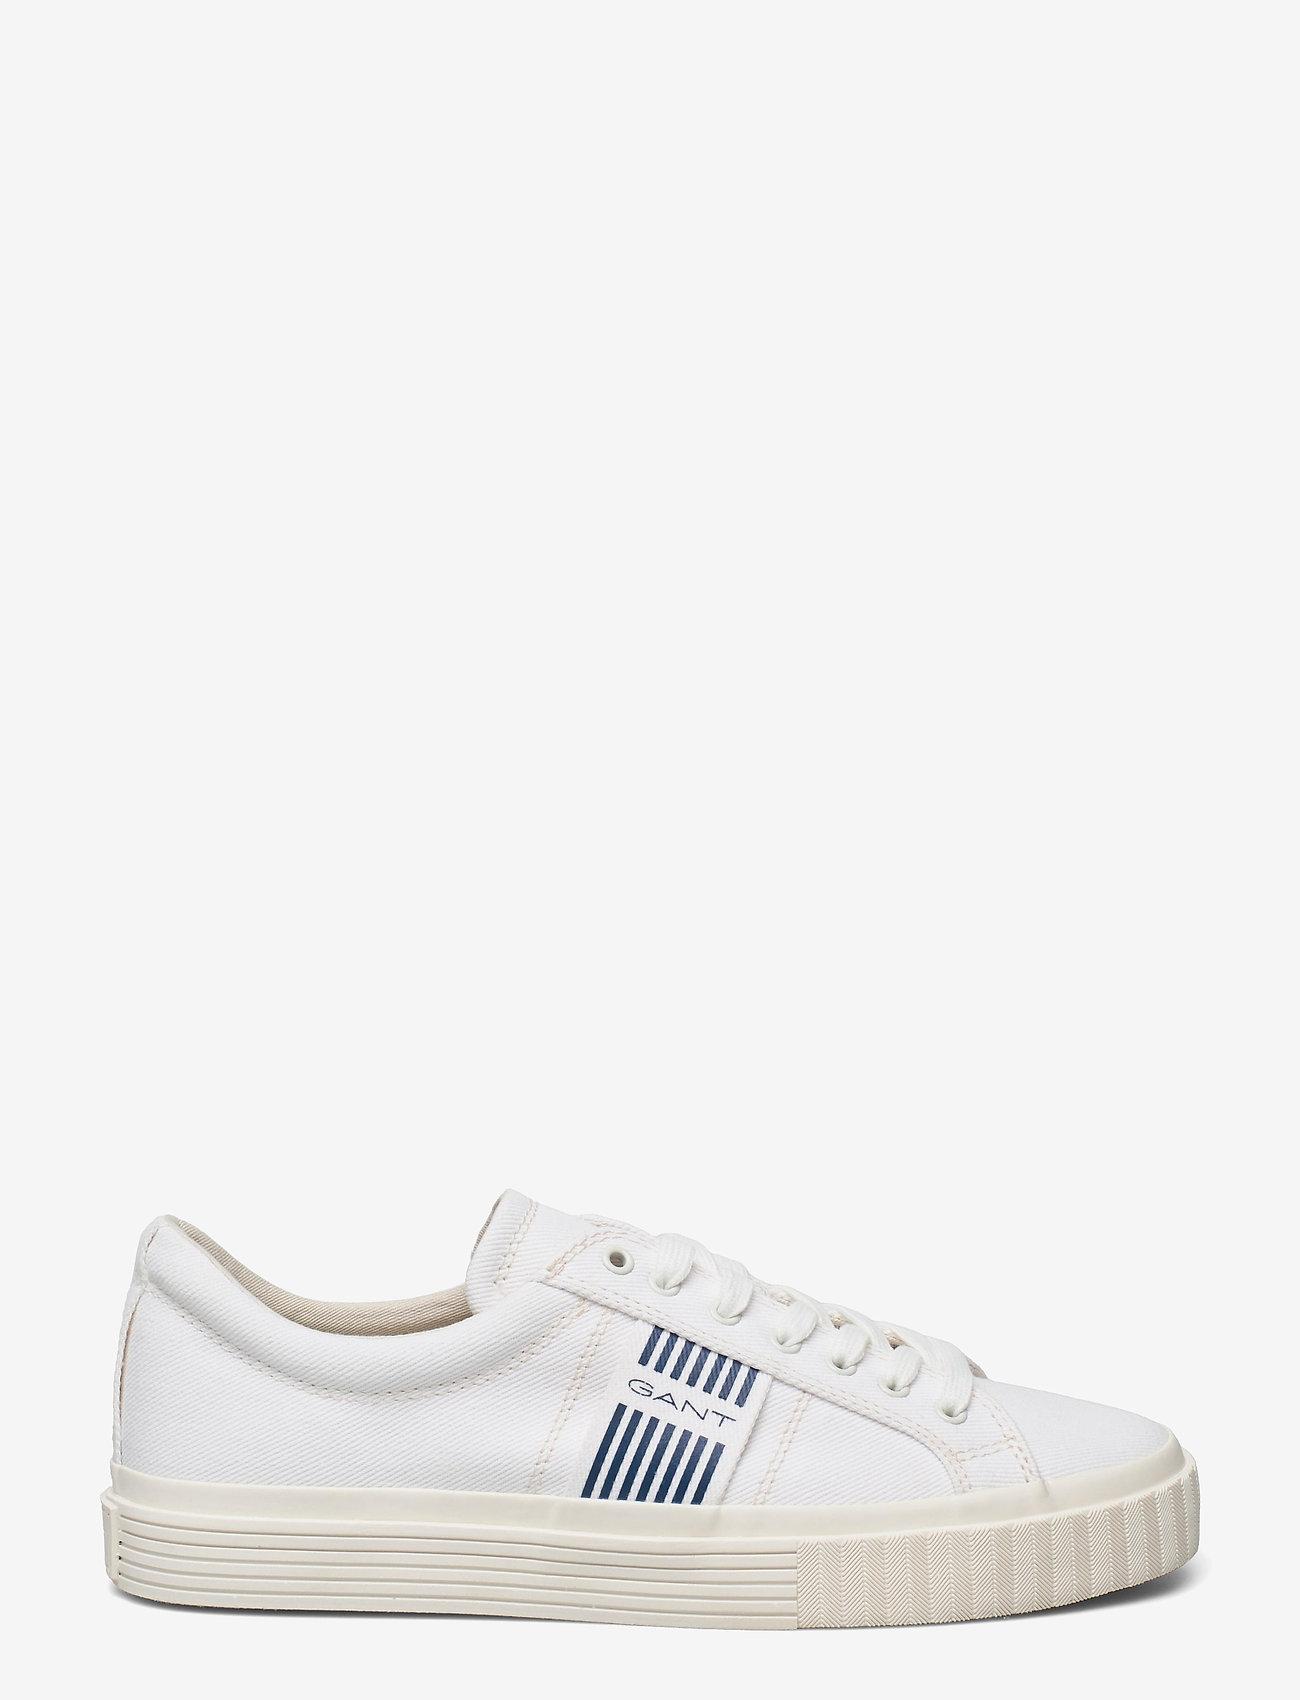 GANT - Faircourt Low lace s - low tops - off white - 1